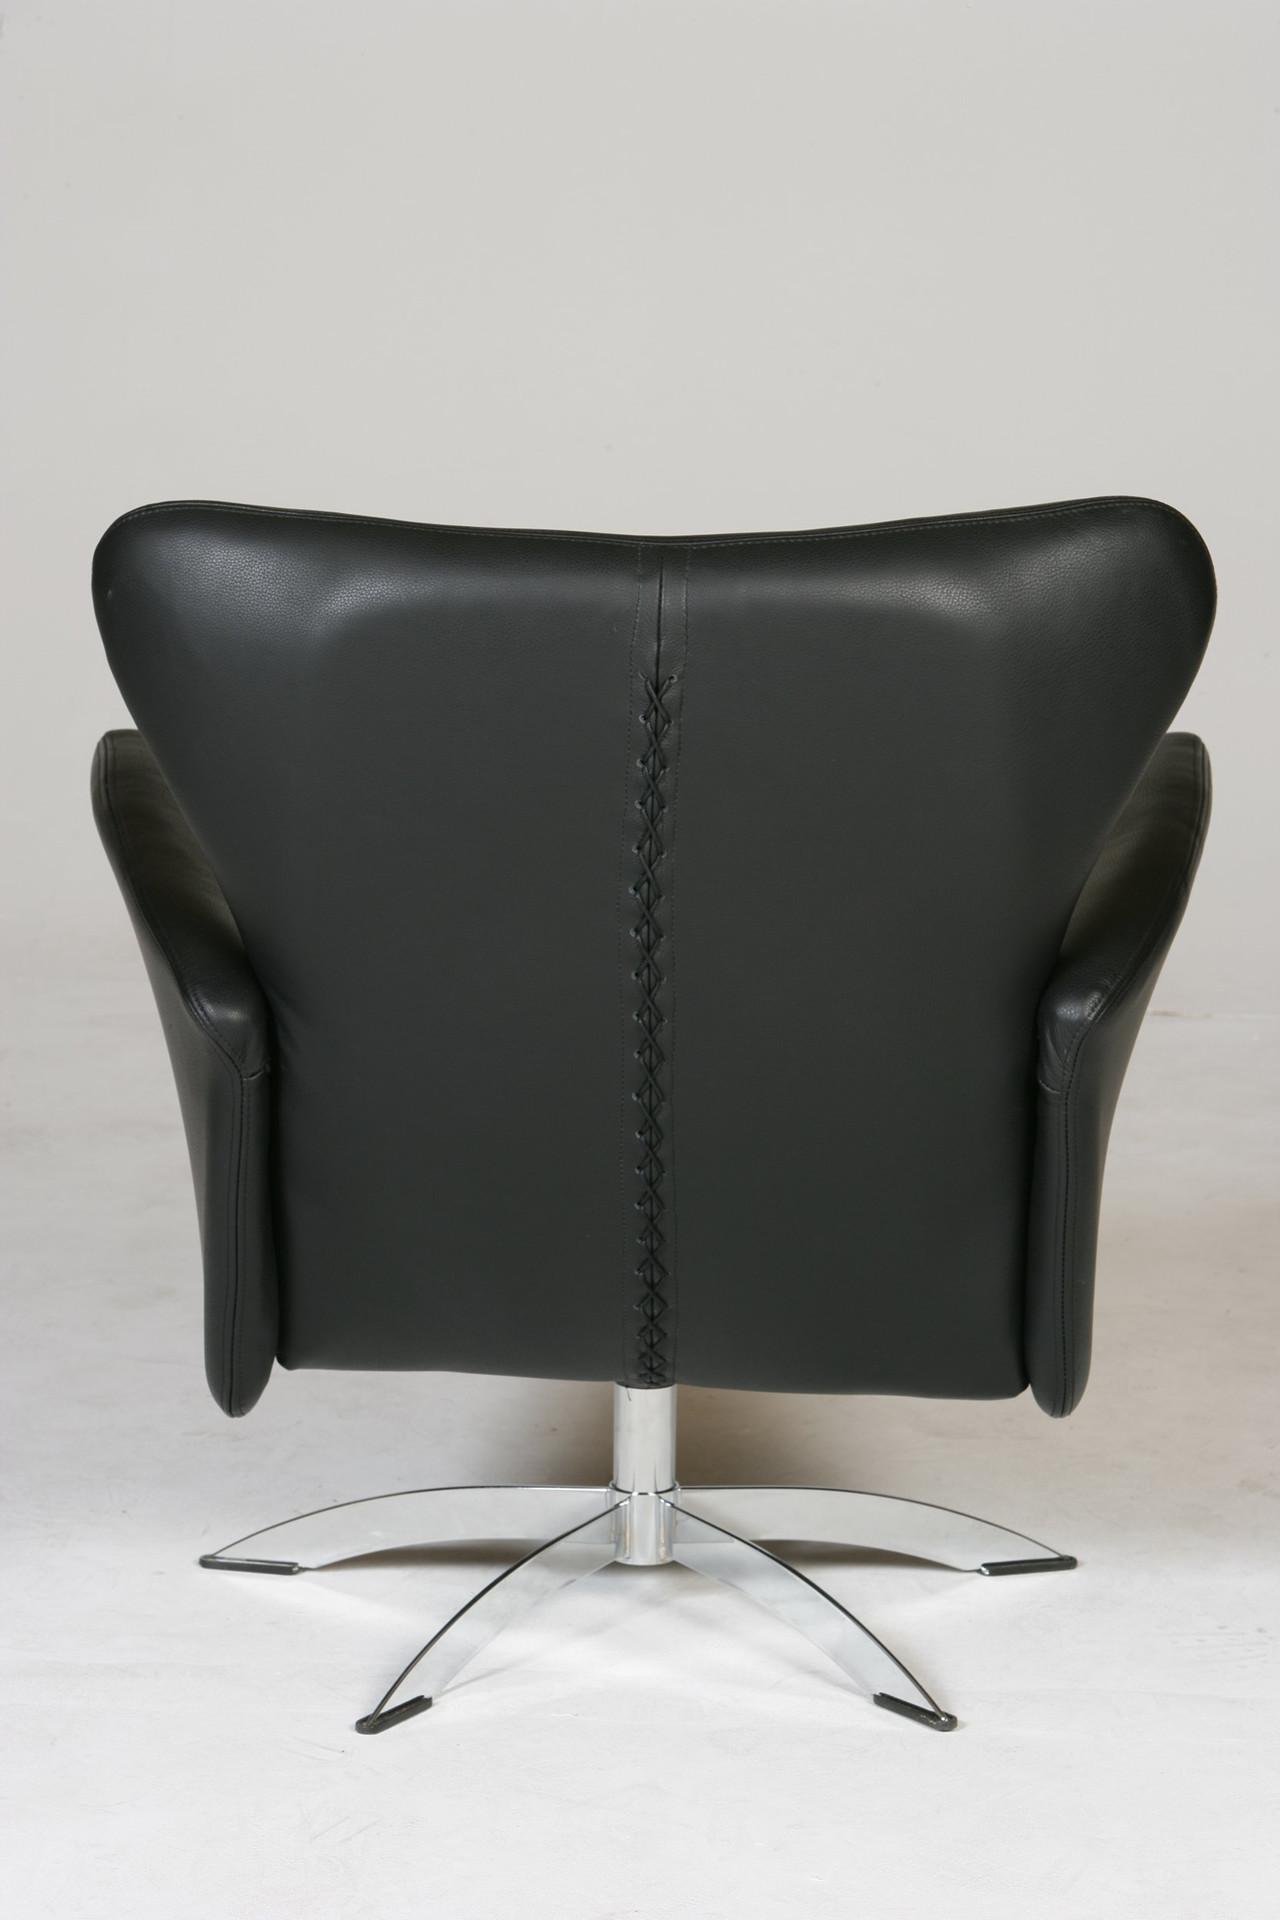 Opus Lænestol Lav fra Hjort Knudsen alle stole er unikke